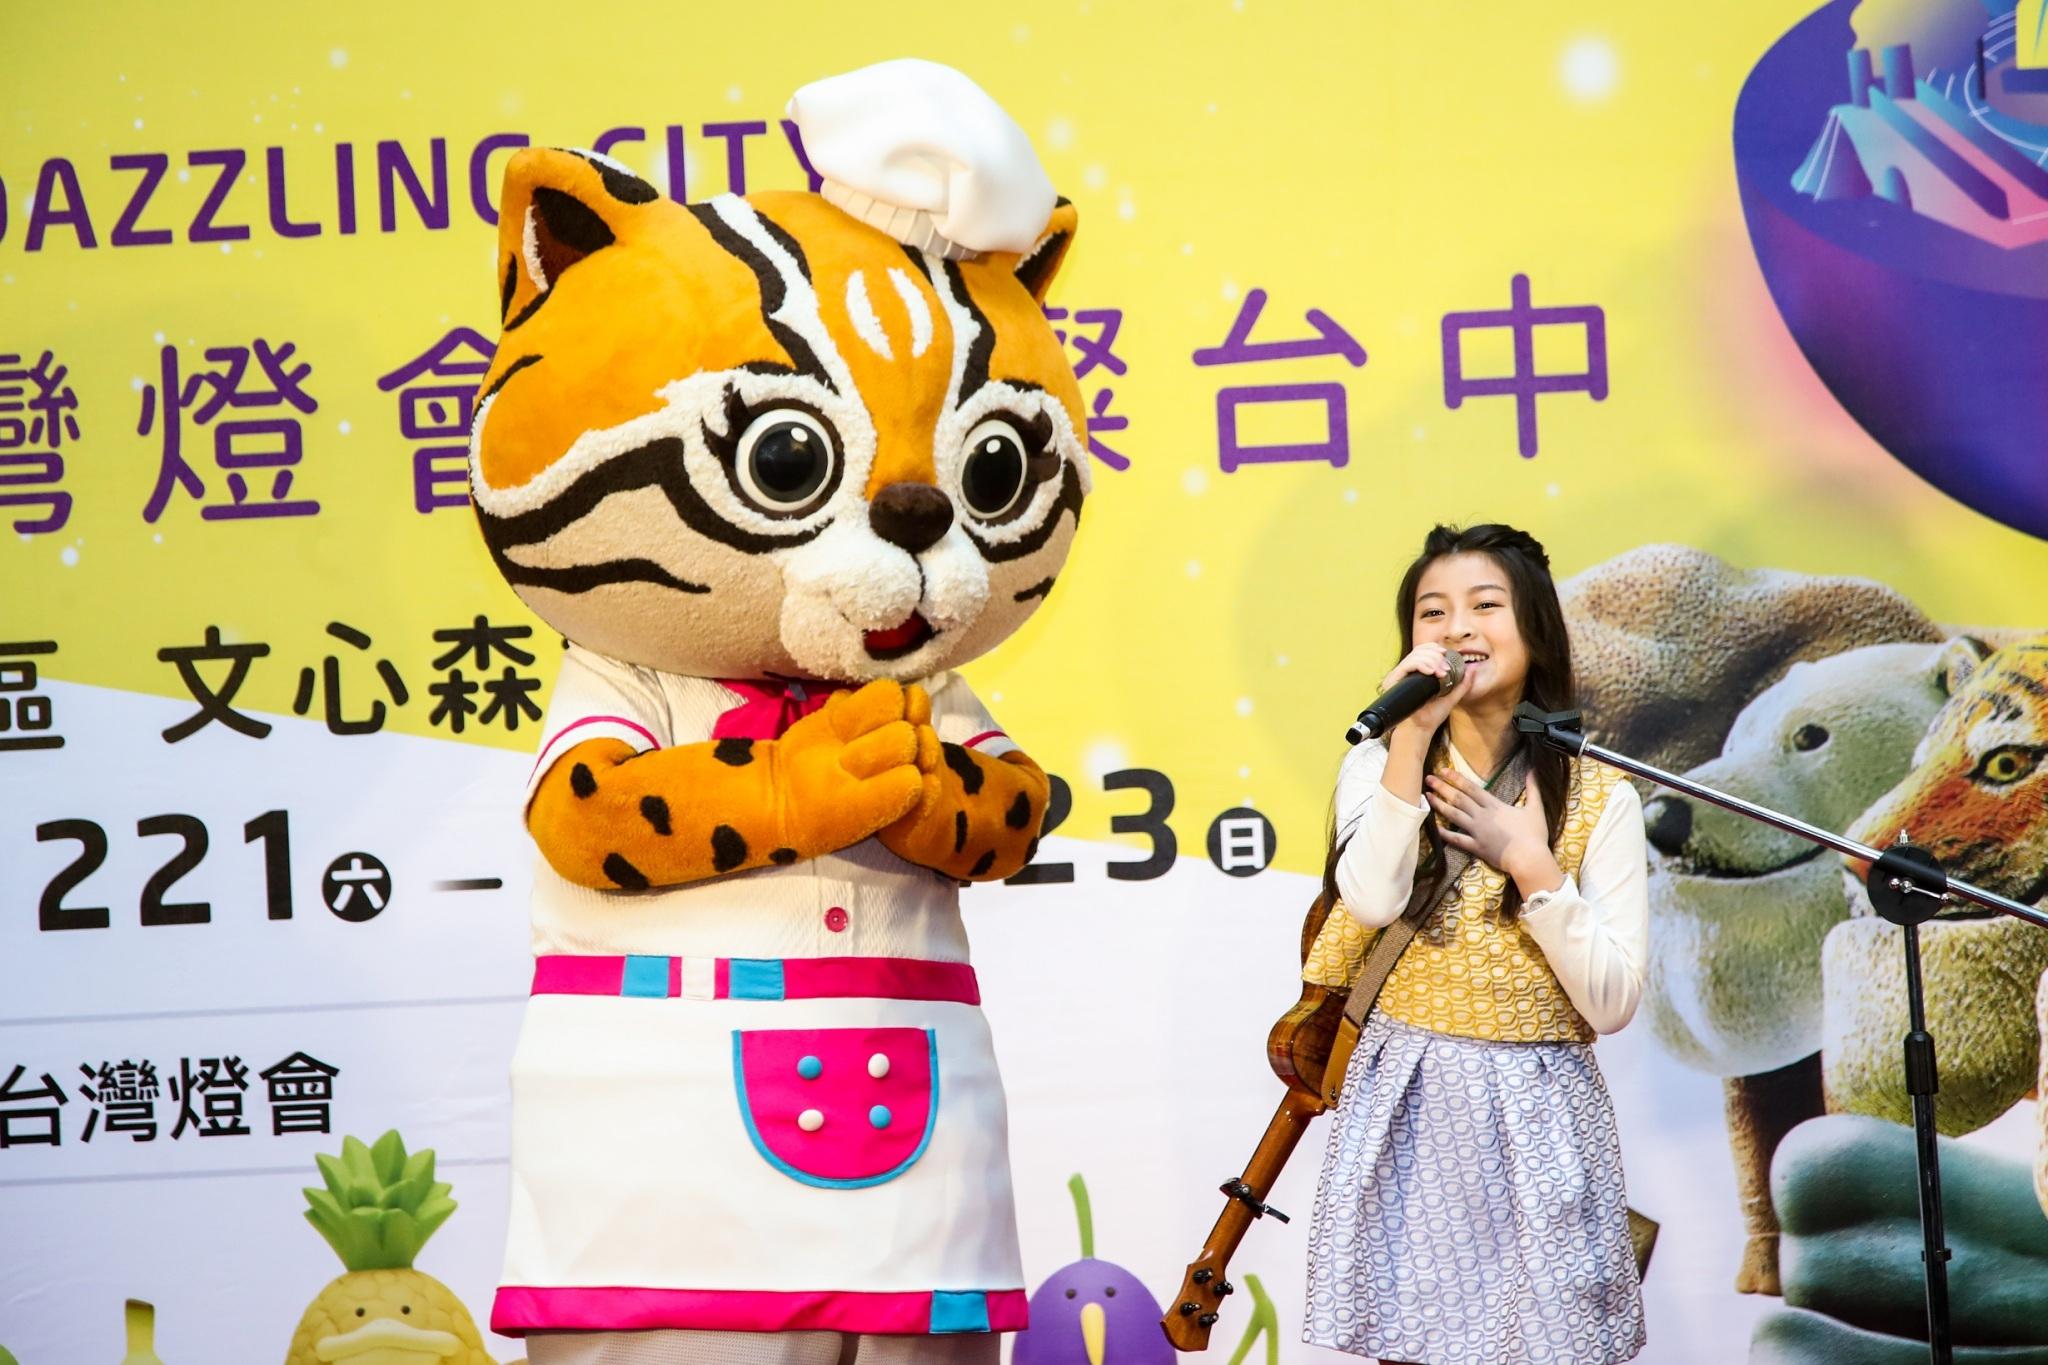 史上第一「有香味會飄雪的台灣燈會」! 副展區12/21台中開展